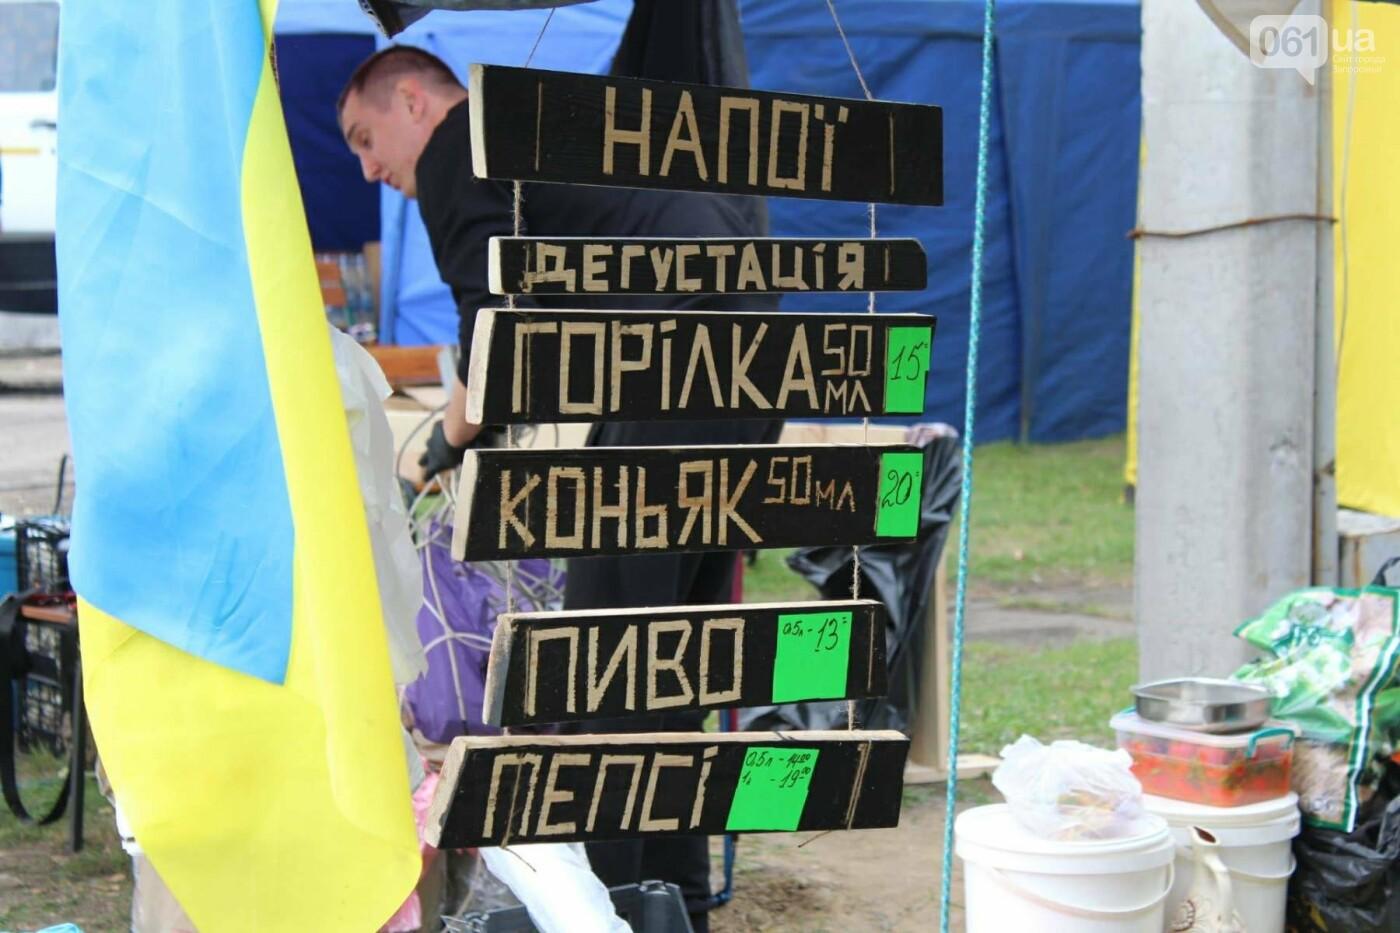 На Покровской ярмарке, несмотря на запрет, с самого утра продают алкоголь, - ФОТО, фото-10